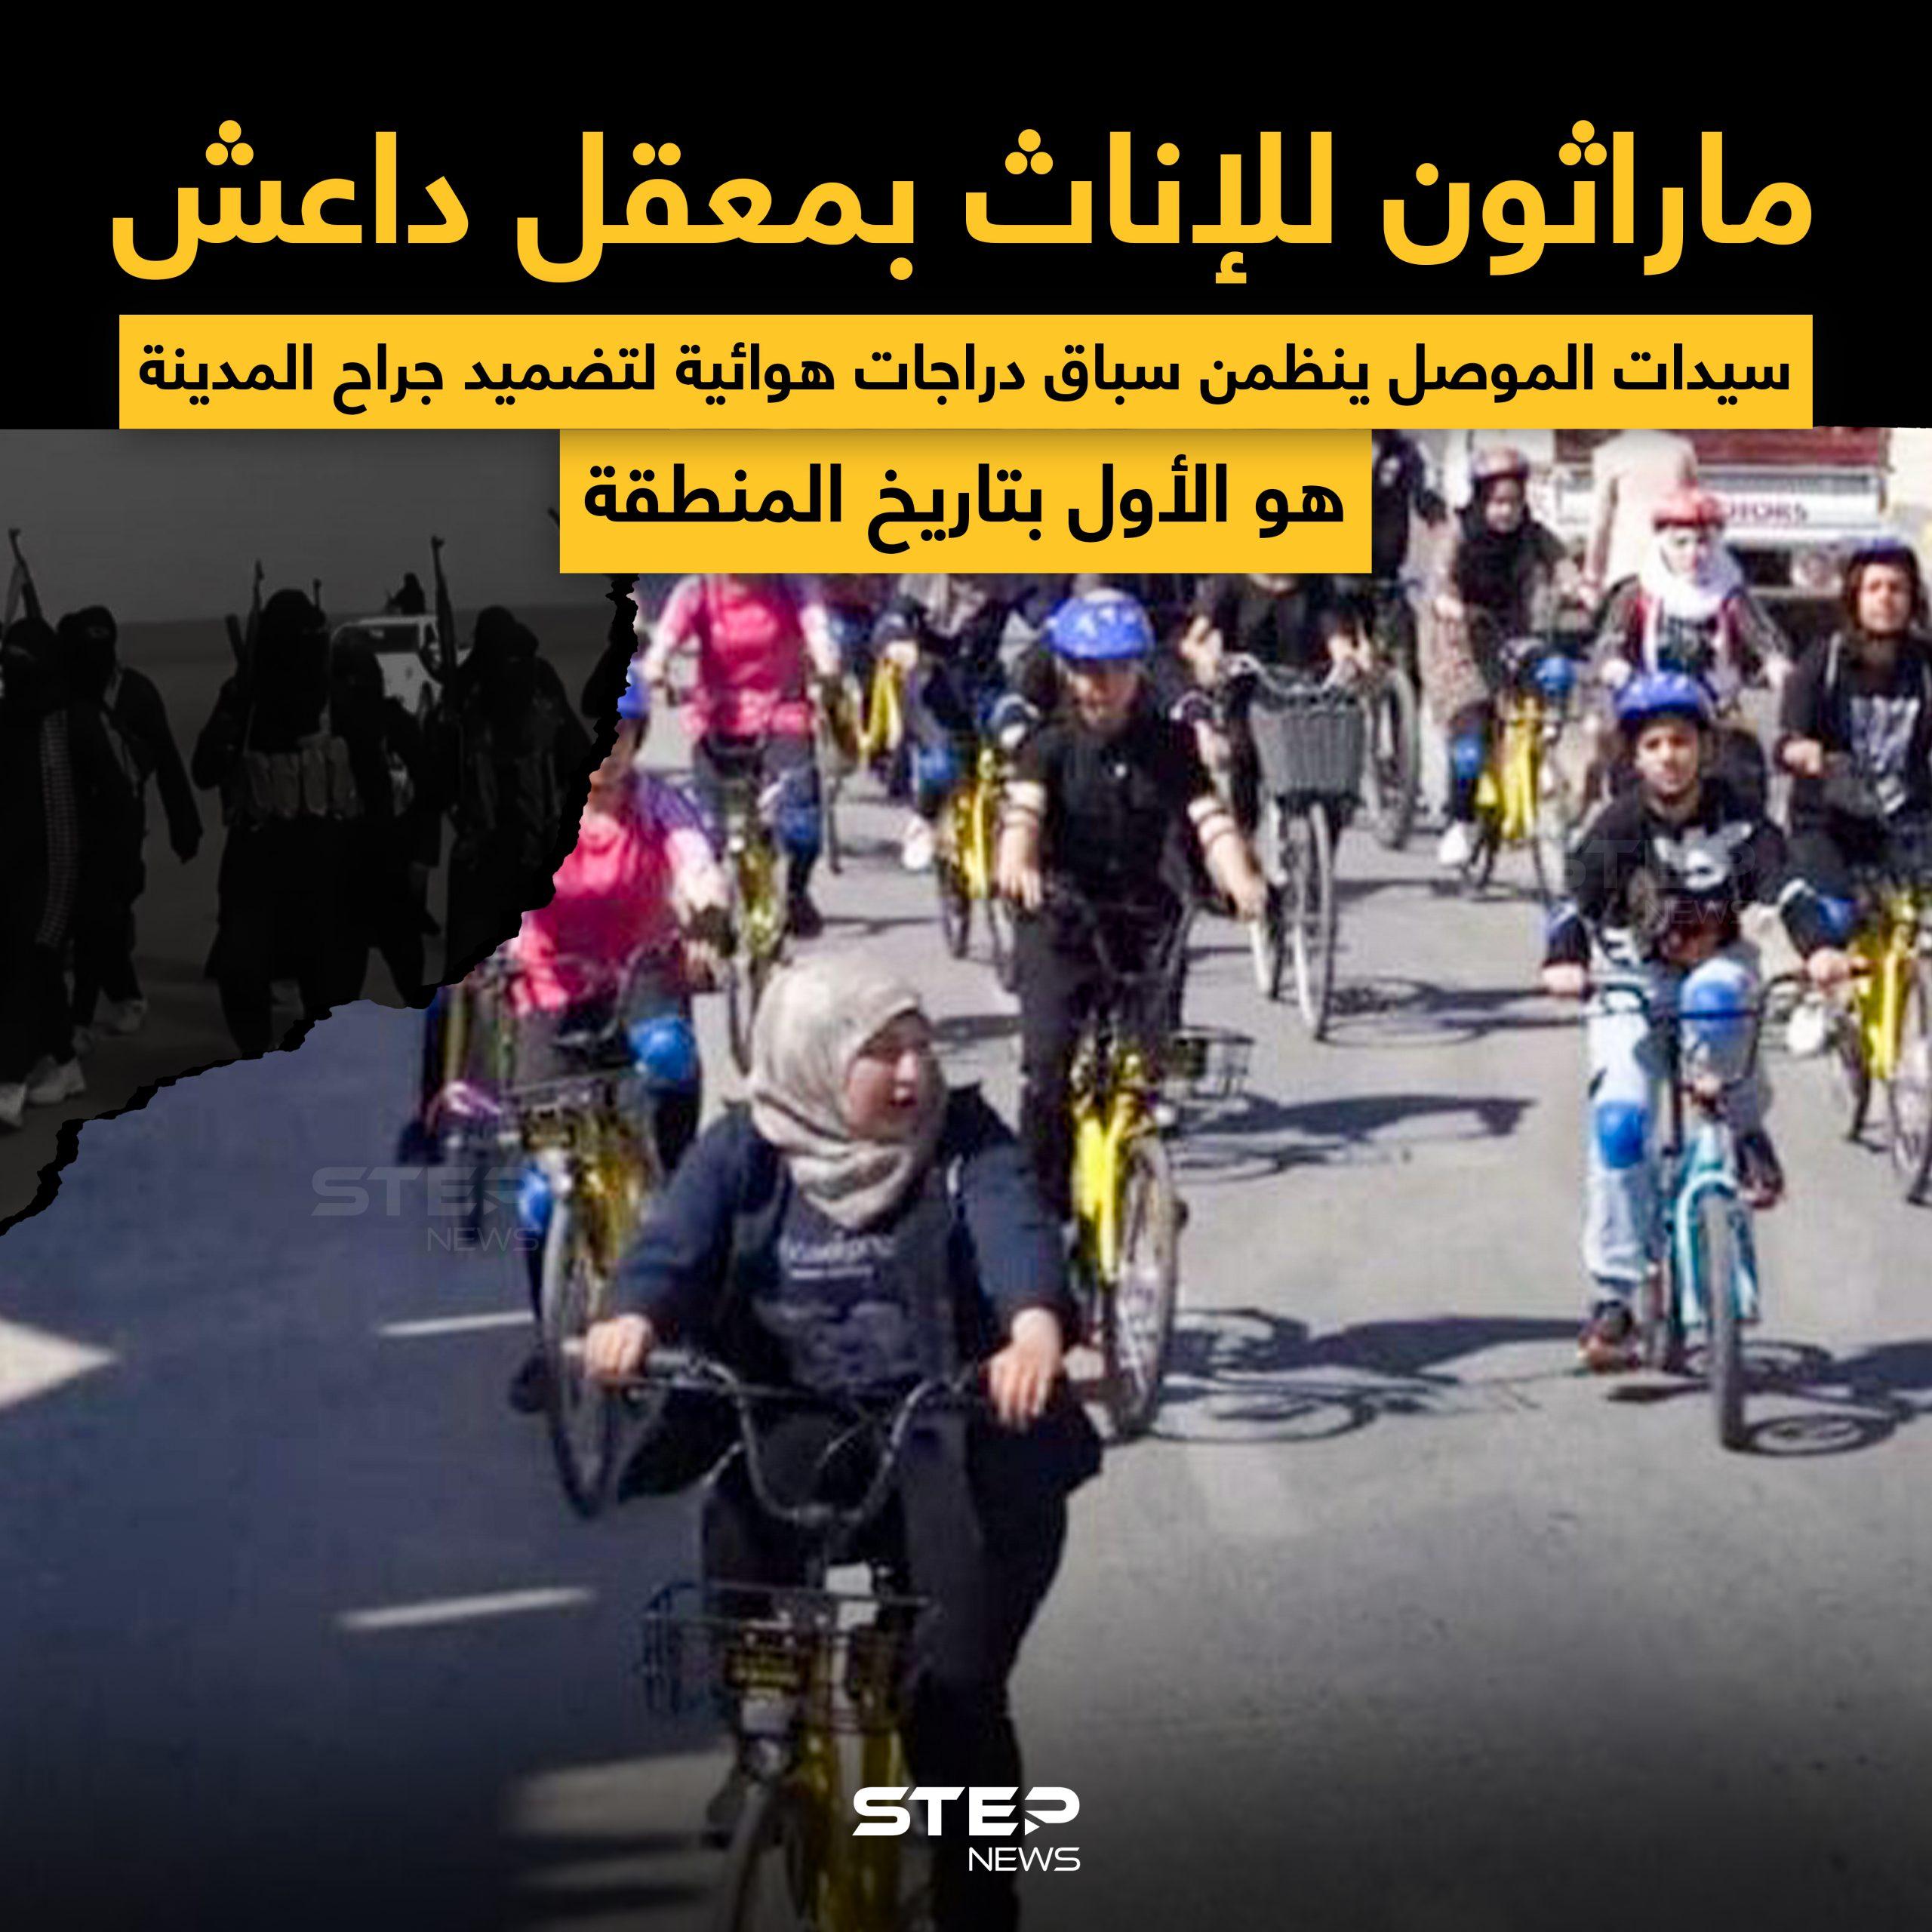 سباق دراجات هوائية للسيدات في الموصل .. يهدف لتضميد جراح المدينة التي كانت معقلاََ لداعش